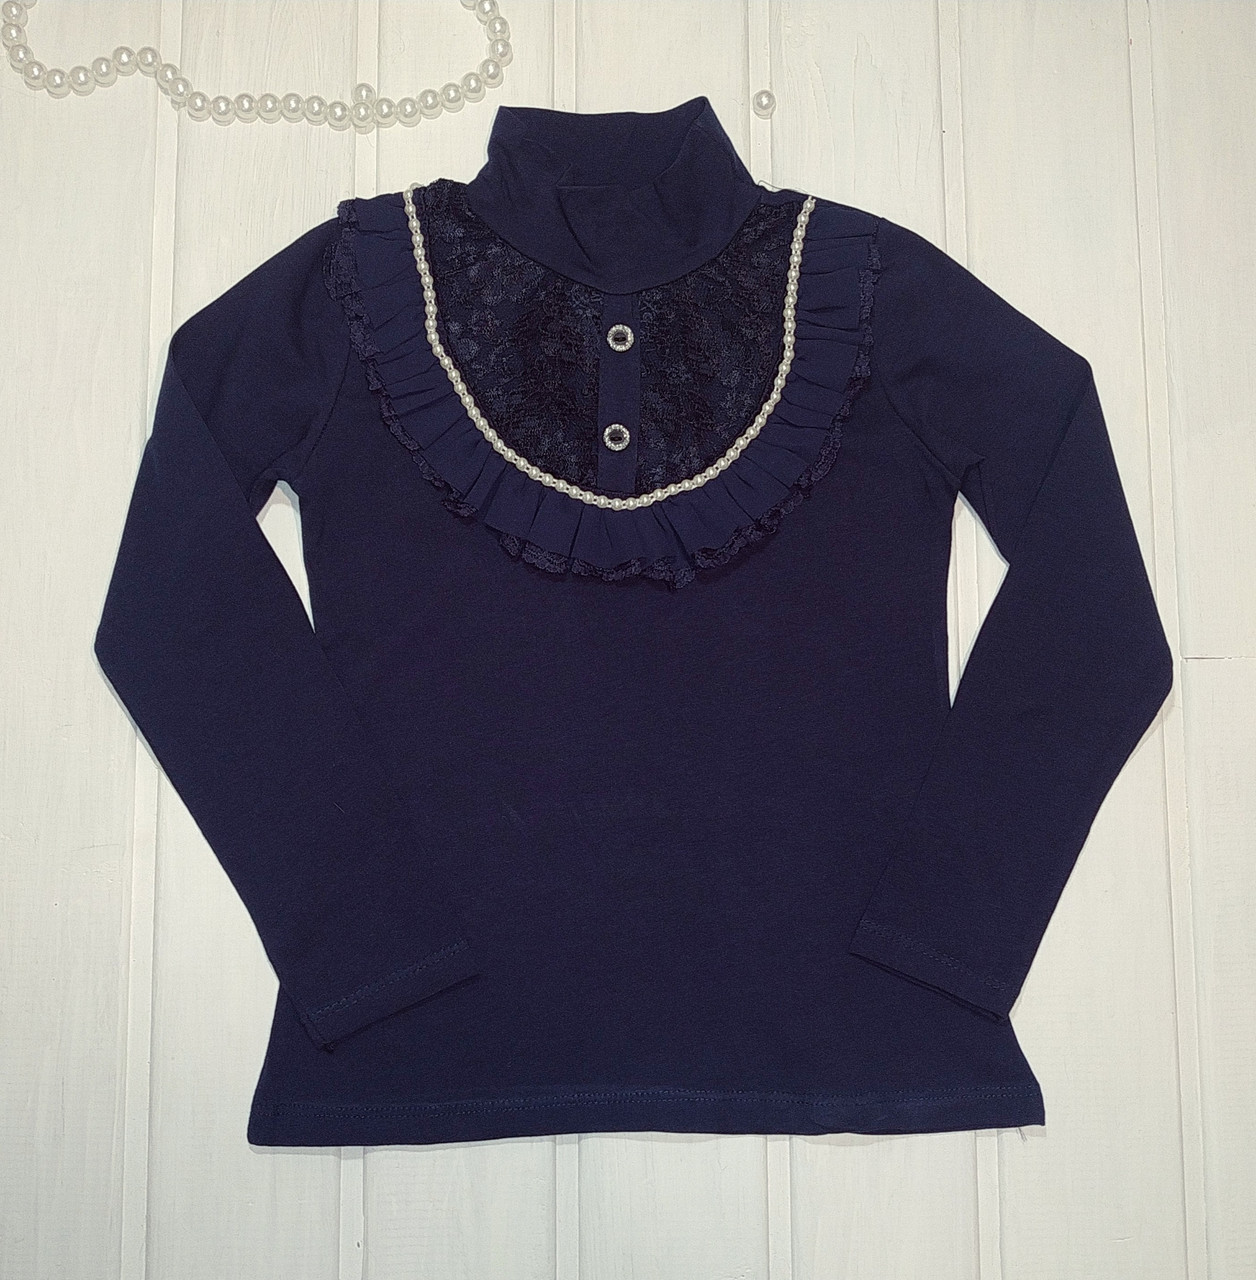 ✅Школьная блузка для девочки Блузка нарядная синяя  Размеры  116 128 140 152